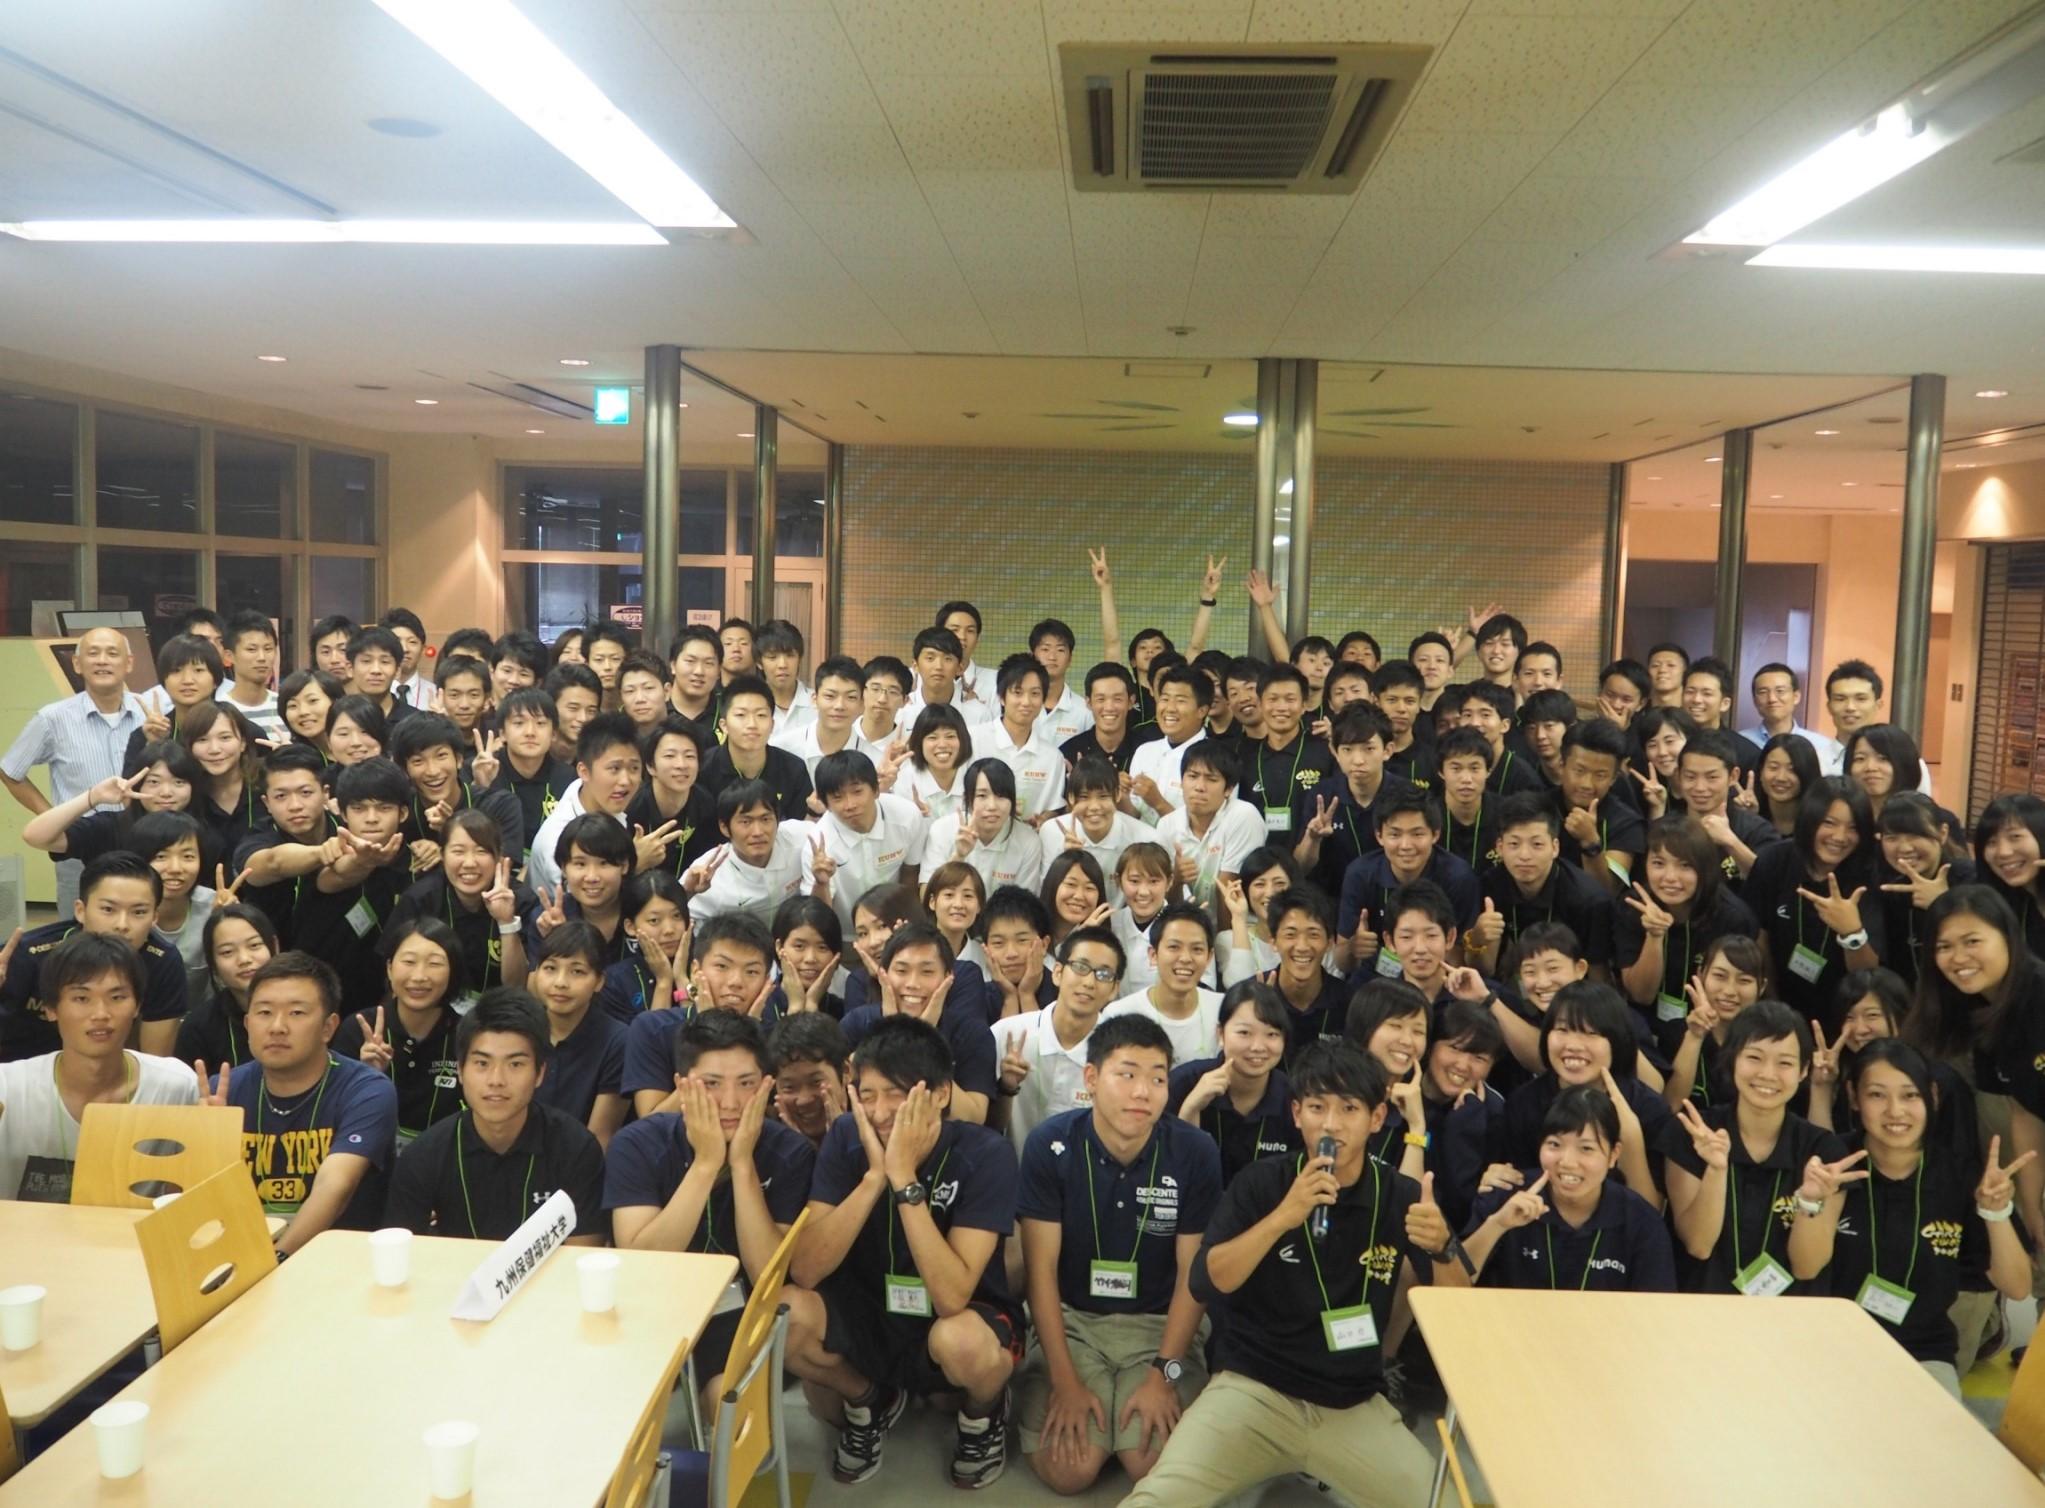 集合写真.九州集い2016.jpg